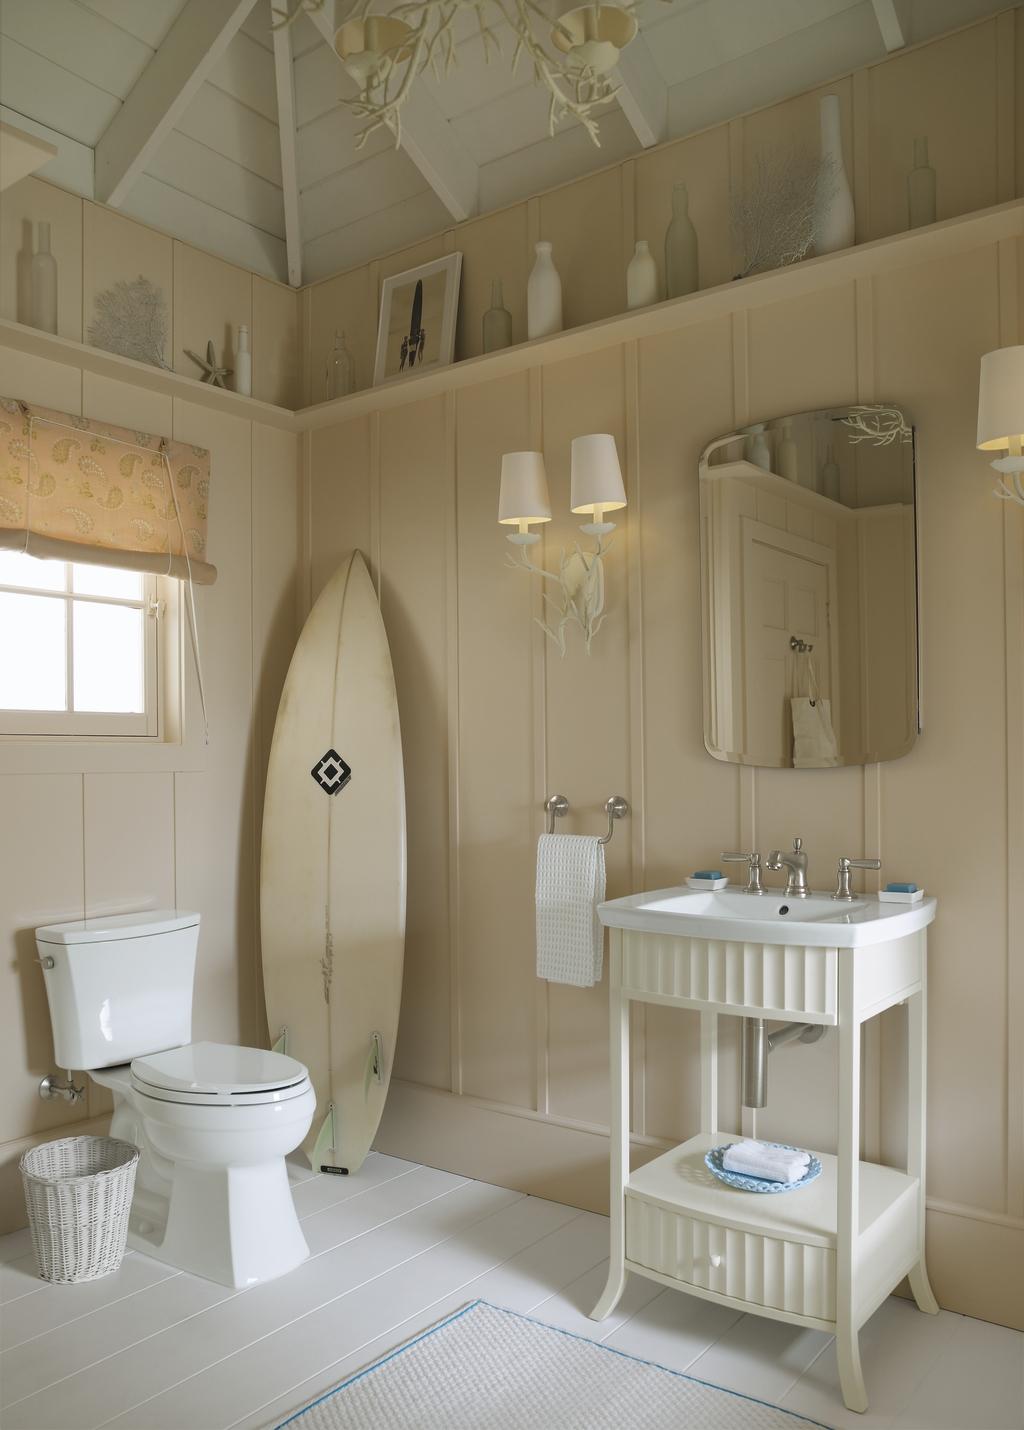 salle de bain bord de mer deco plage